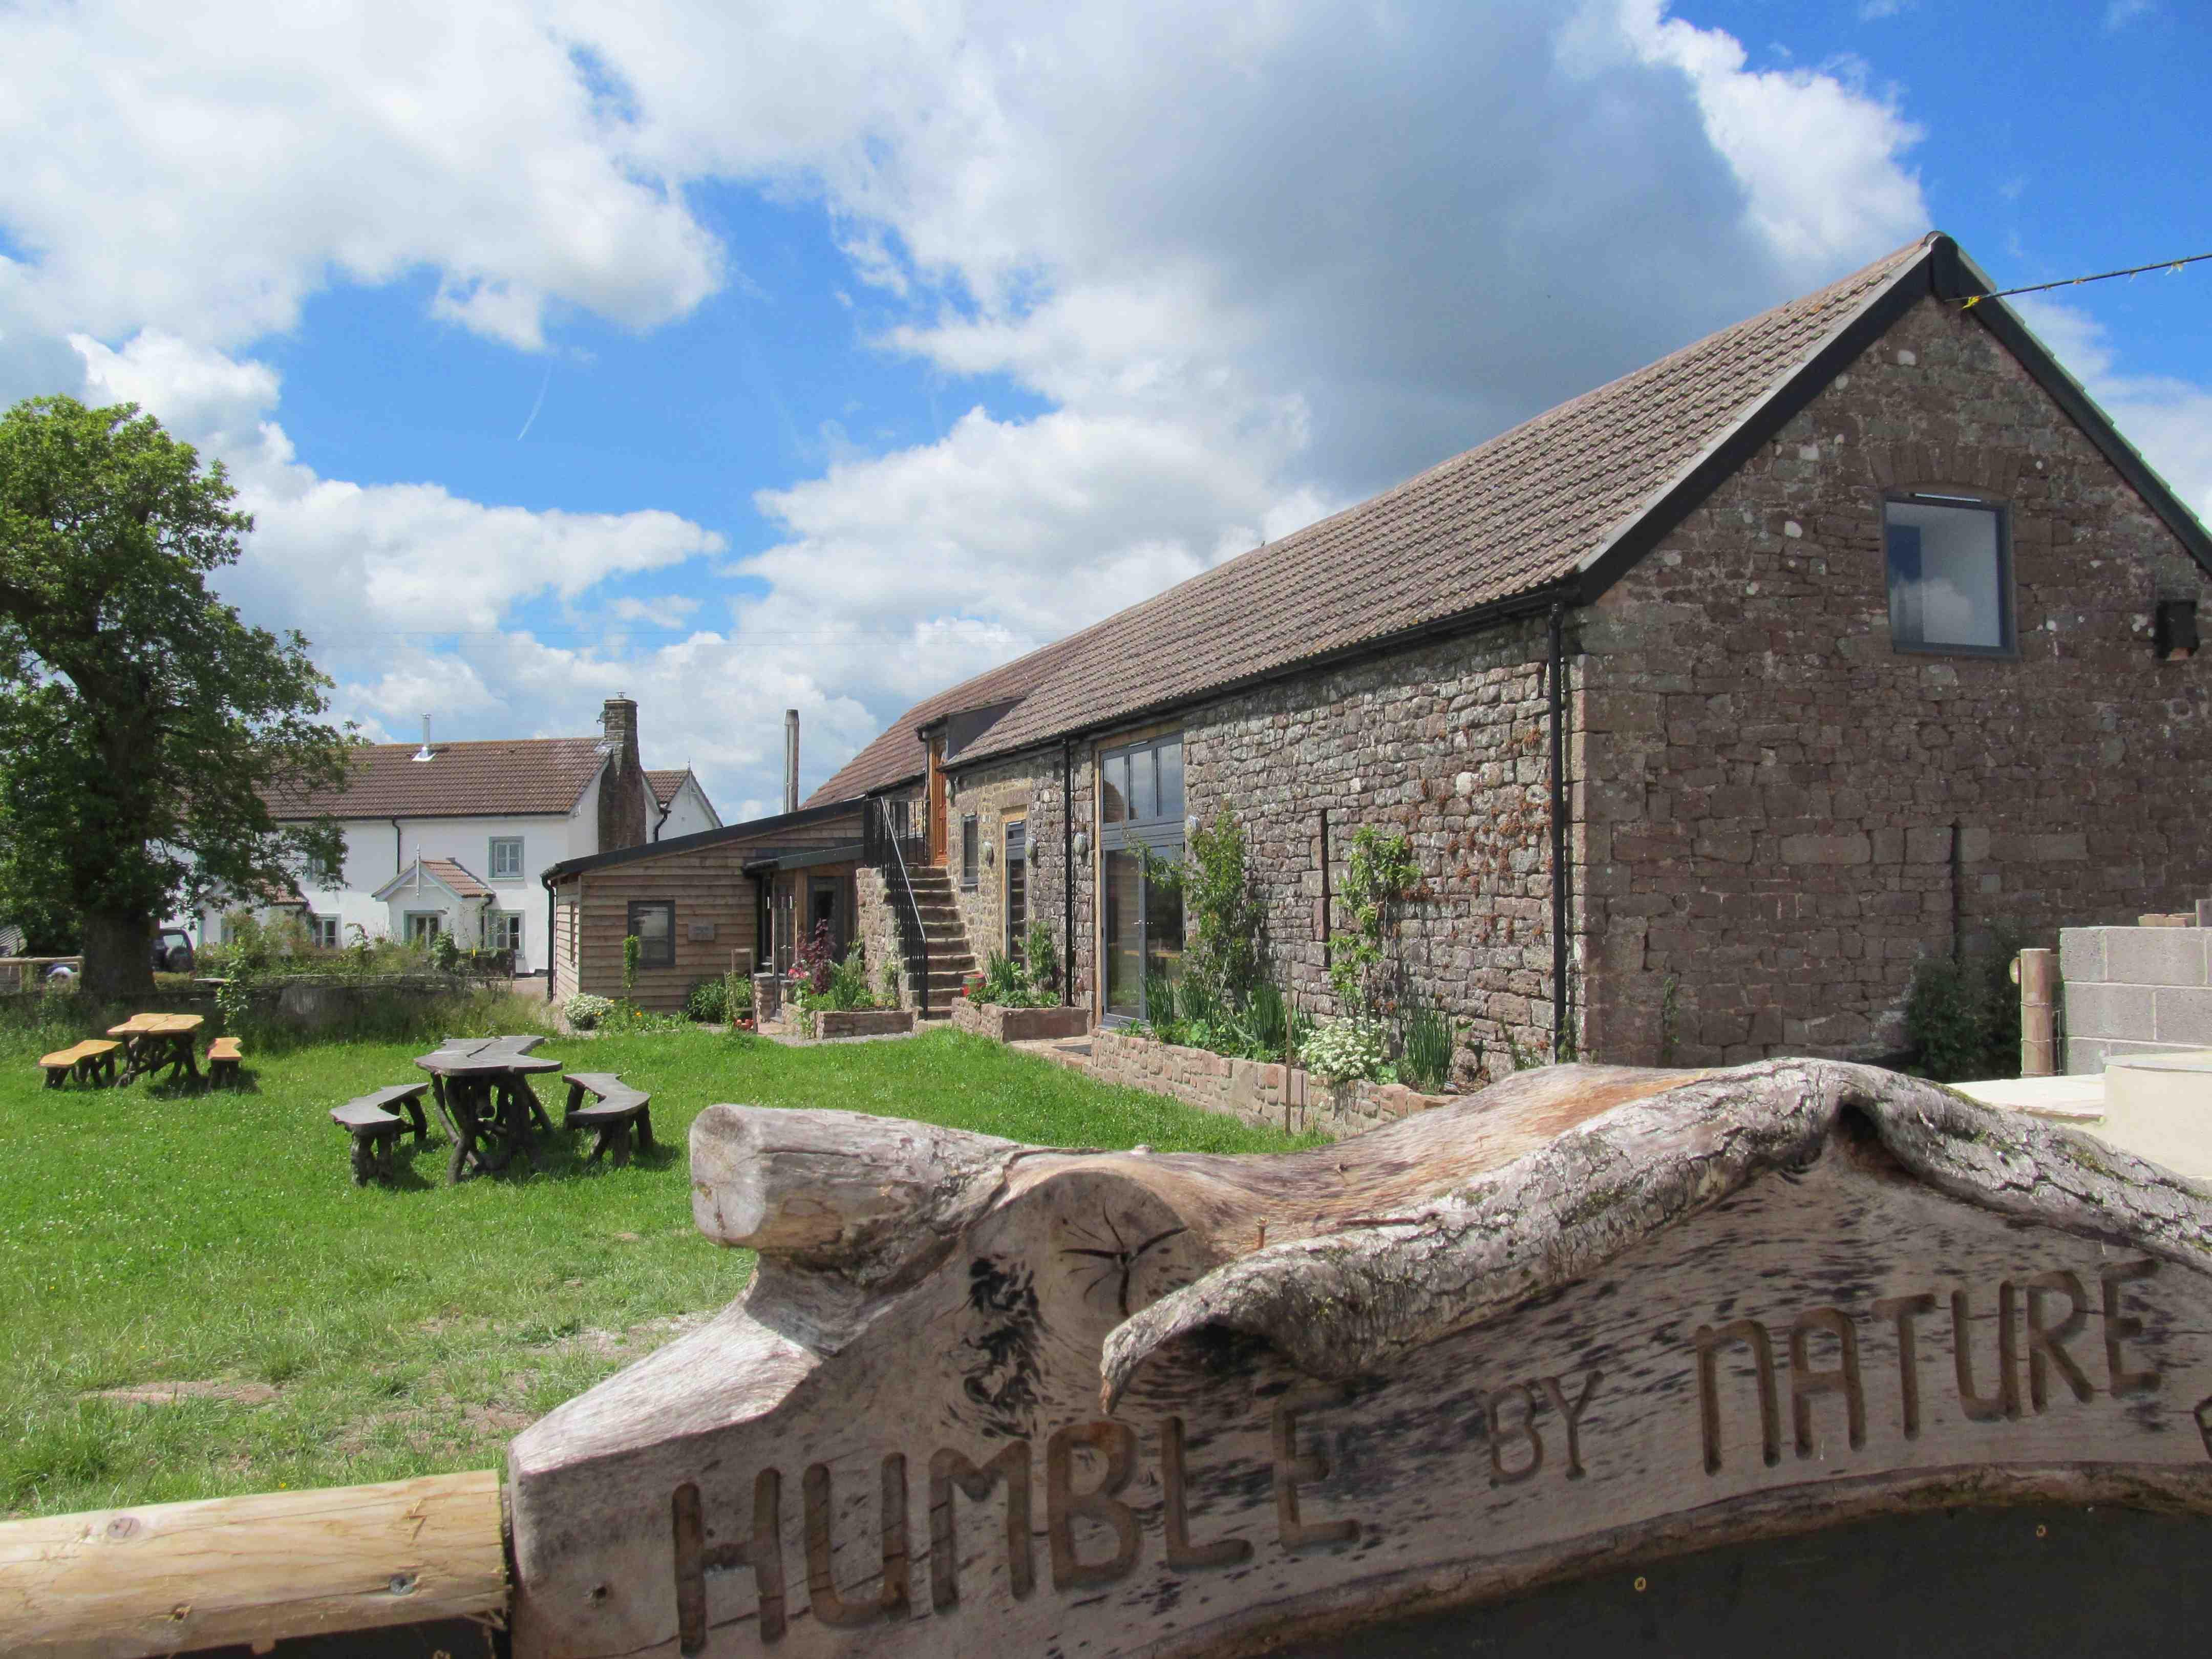 The Long Barn at Humble by Nature